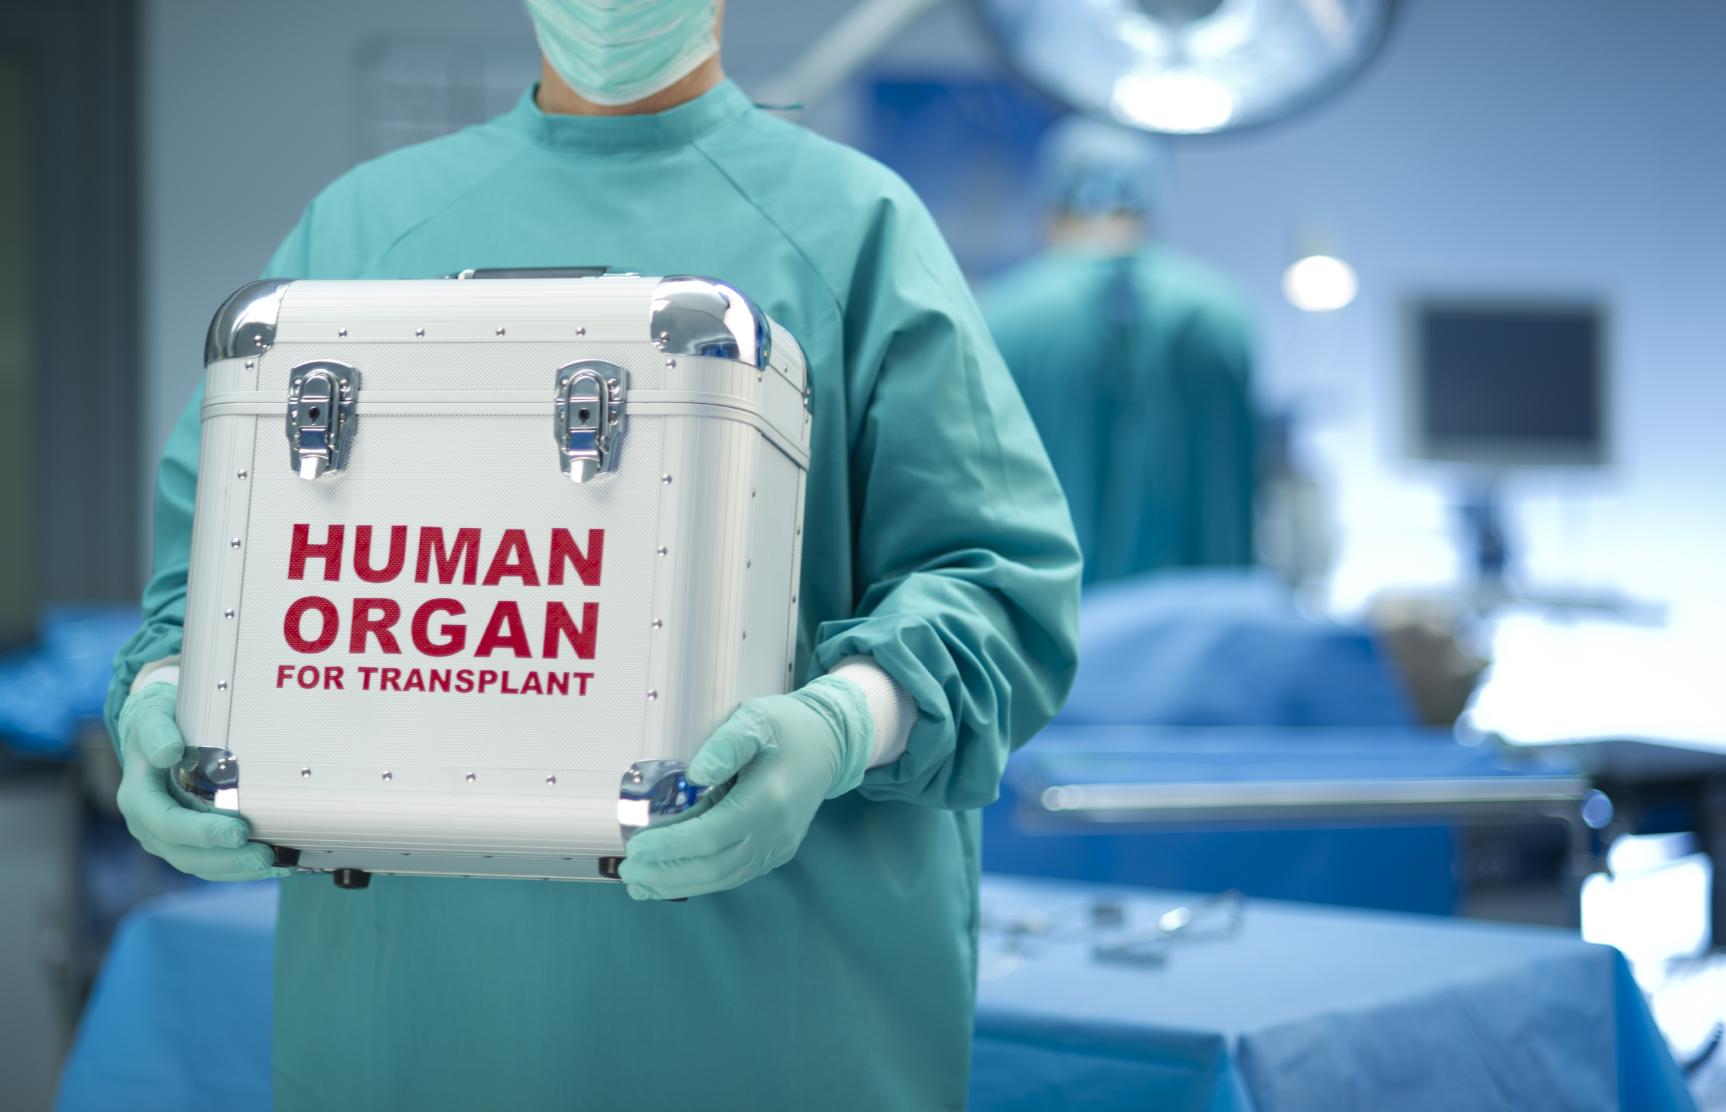 Cosa sai sulla donazione degli organi? [QUIZ]